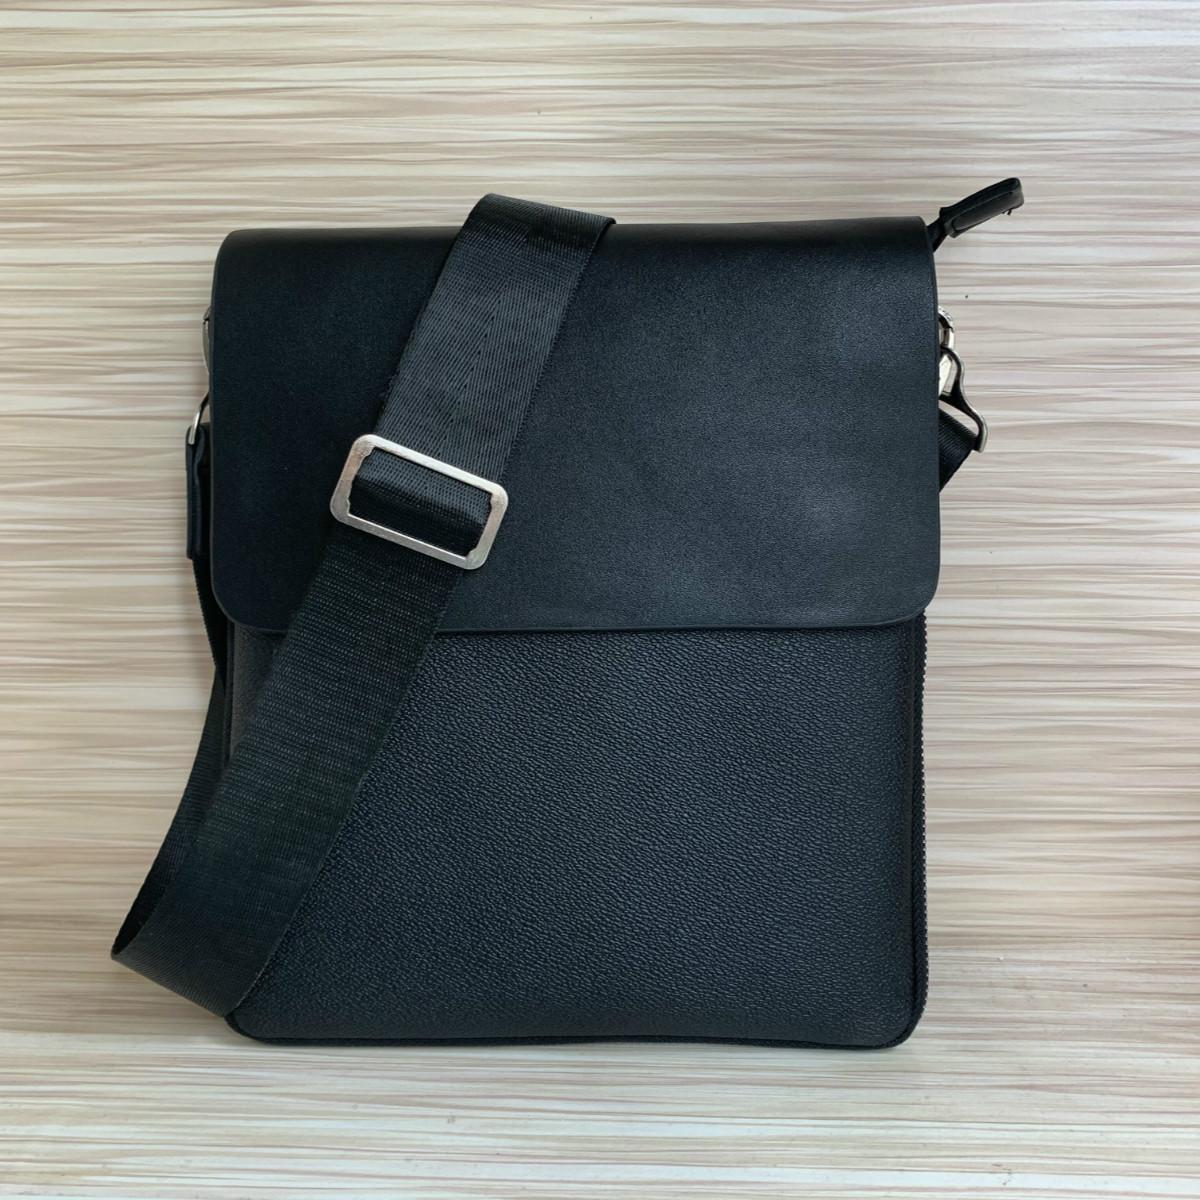 مصممون حقيبة يد فلازياء حقائب اليد عالية الجودة السيدات سلسلة الكتف حقيبة براءات الاختراع الجلود الماس الفصرية أكياس المساء الصليب الجسم حقيبة